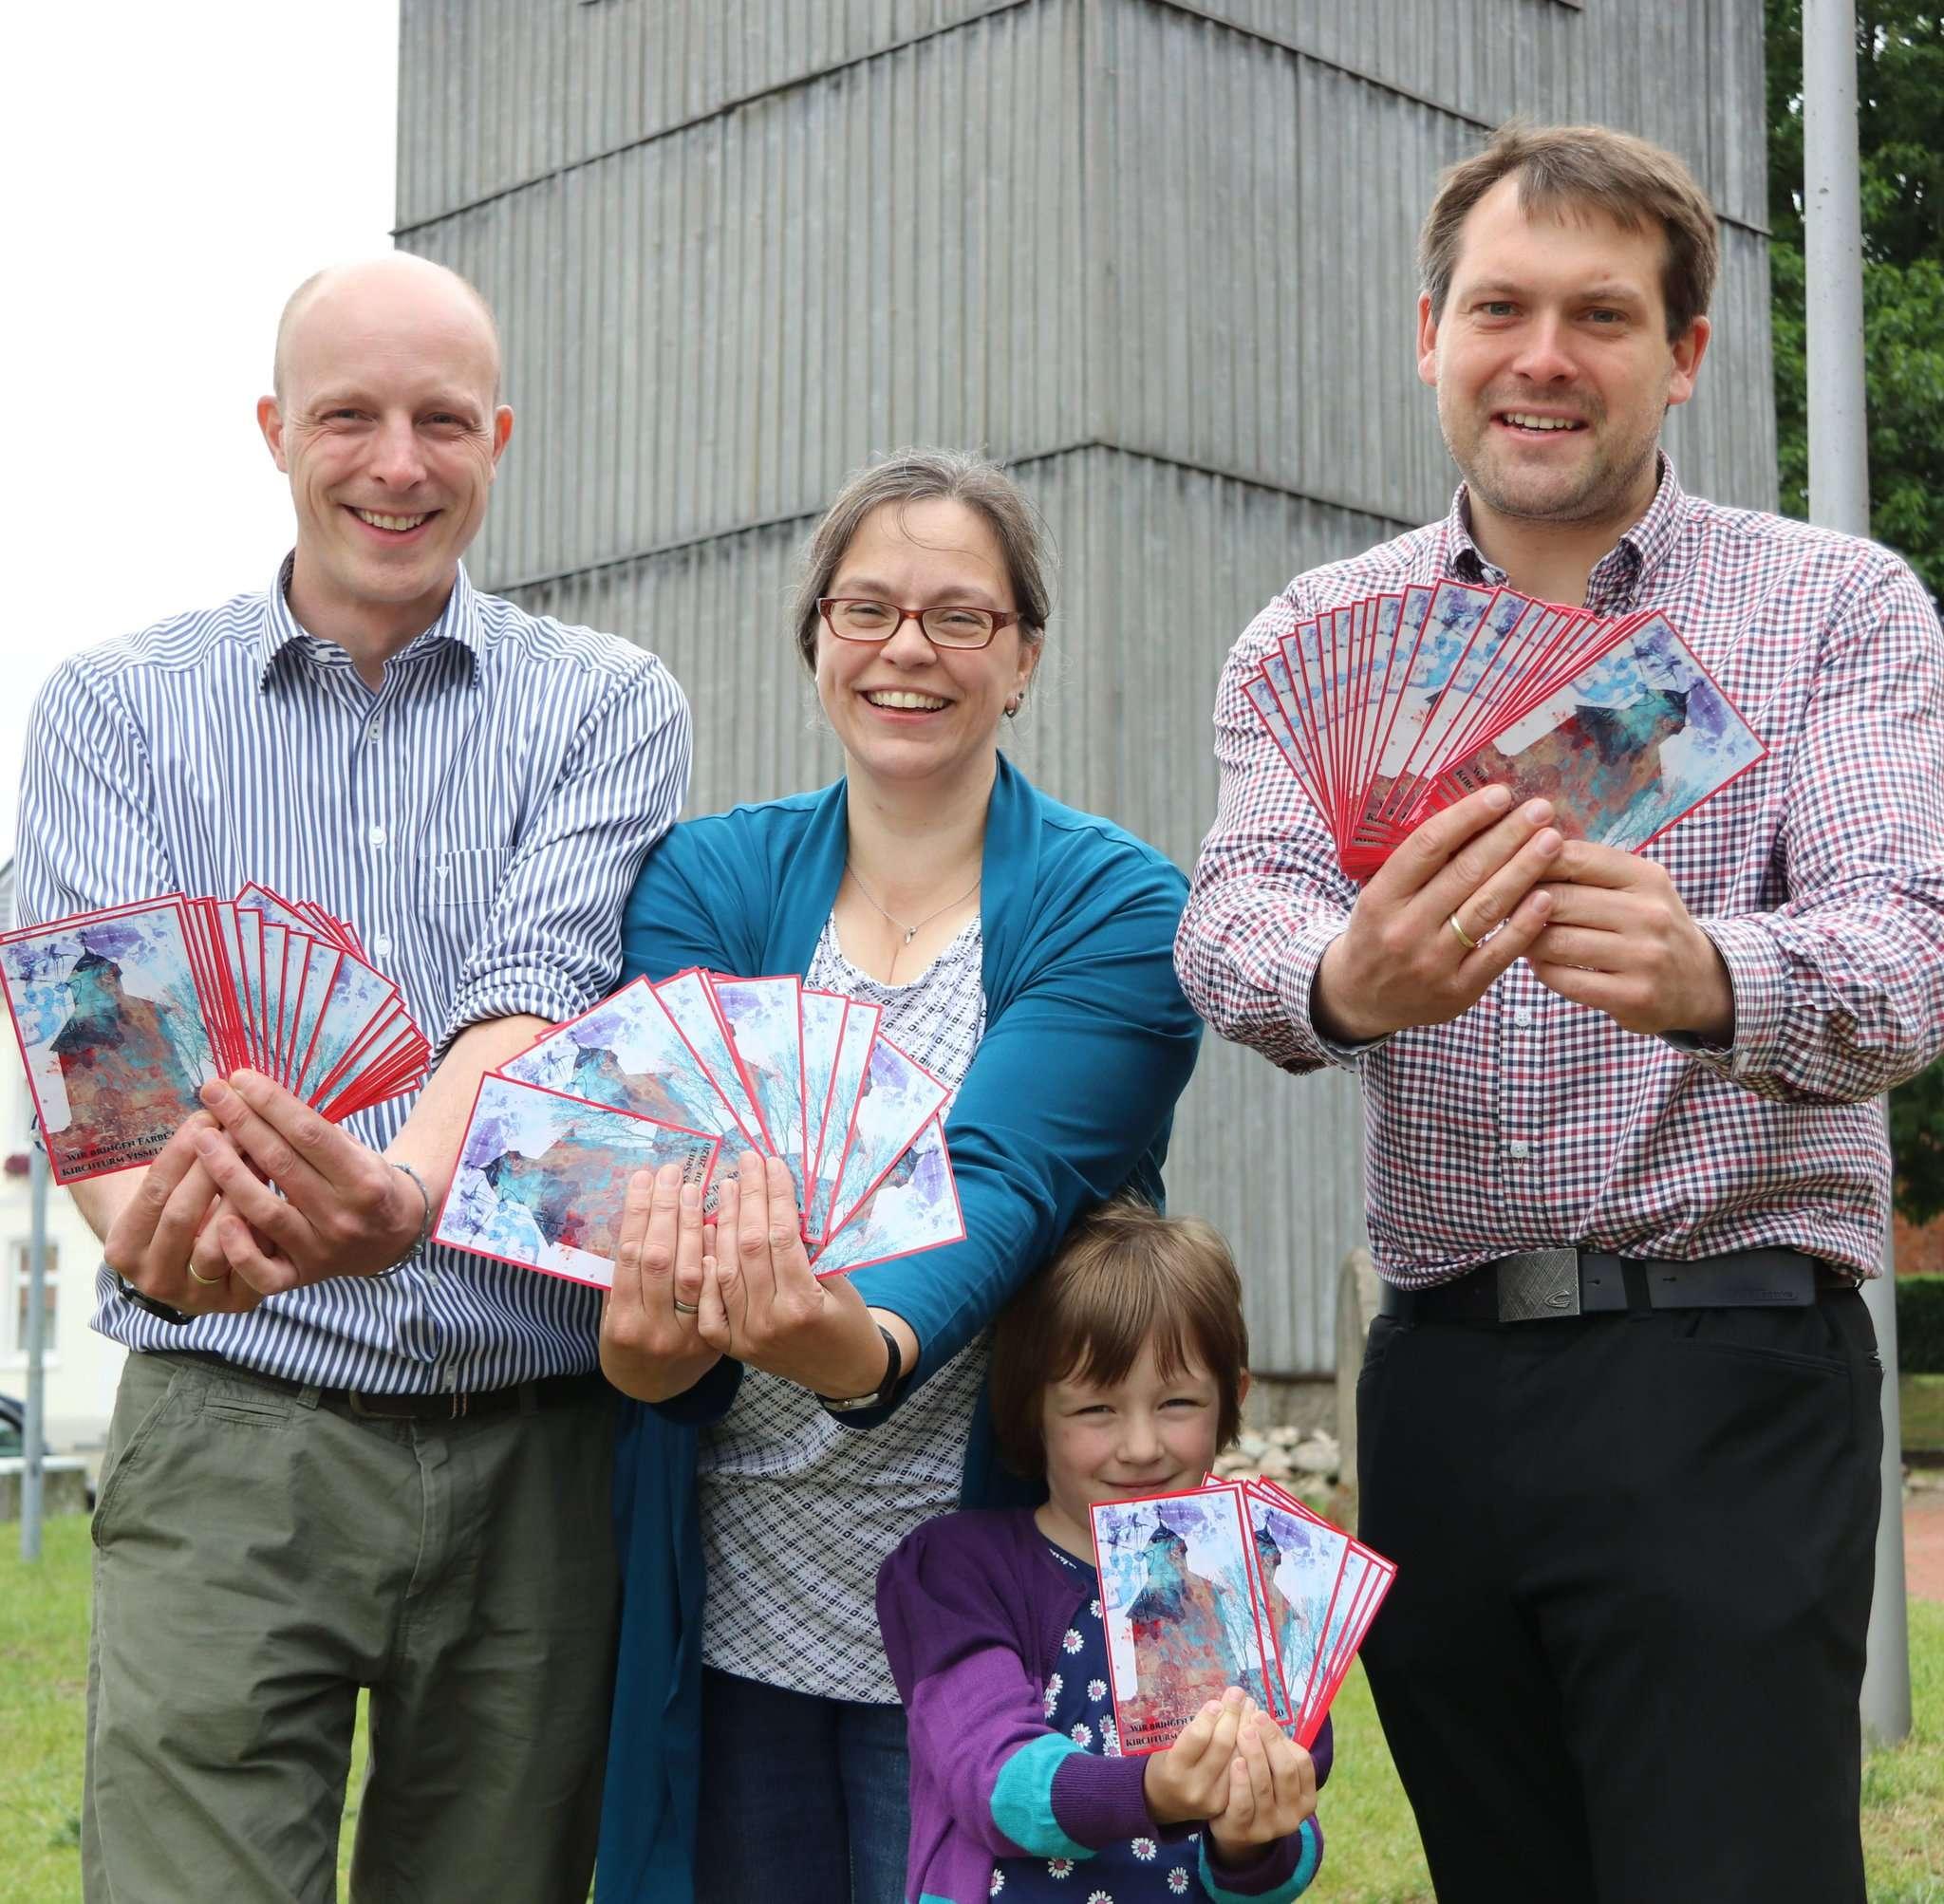 Noch gibt es die Postkarten, auf denen Hauke Pralle, Karin Stöckmann und ihre Tochter Johanna sowie Pastor Florian Hemme für Unterstützung werben. Foto: Nina Baucke